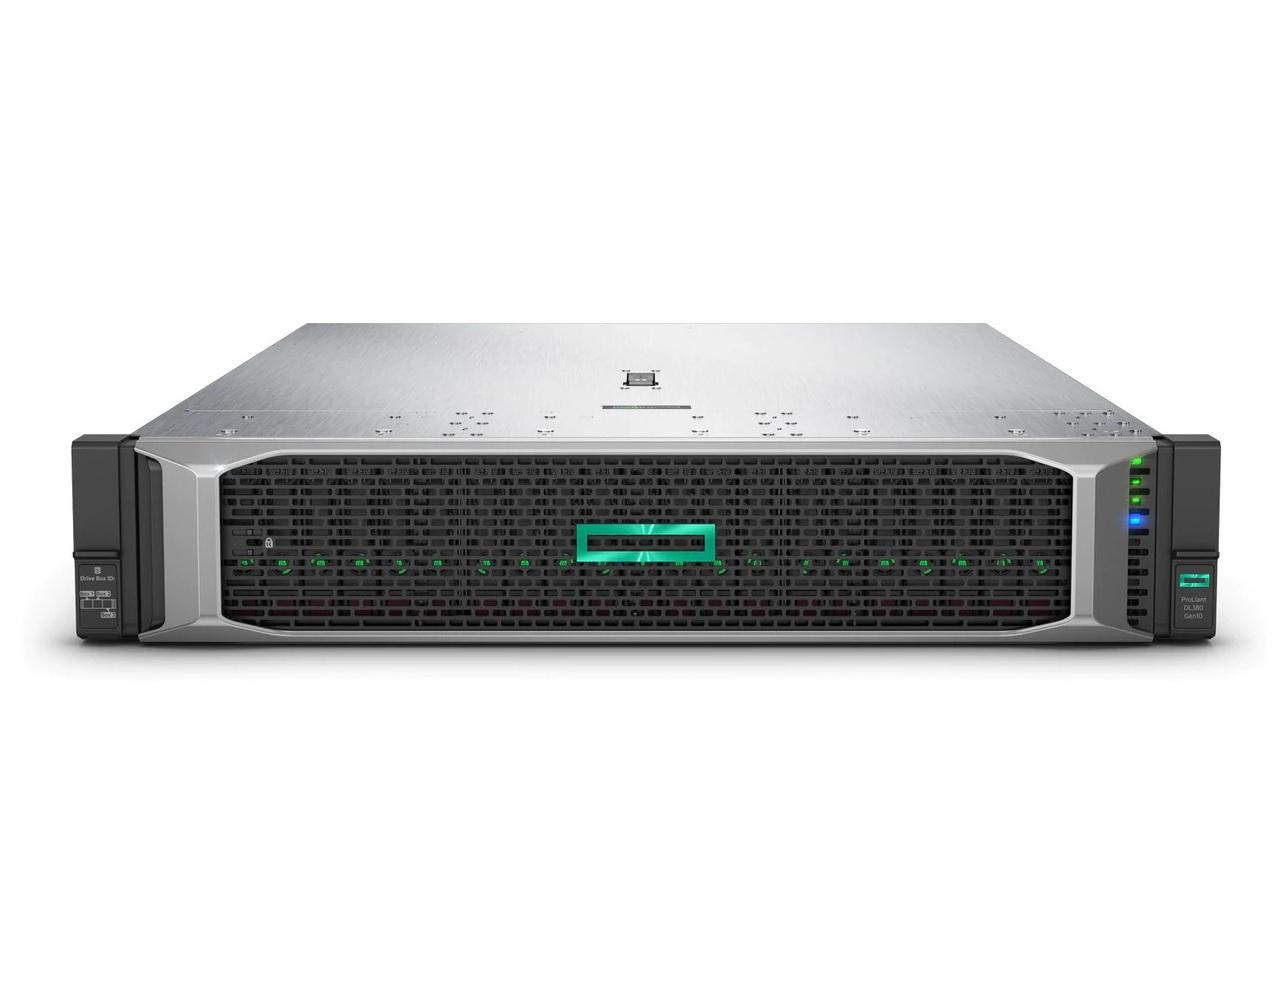 Hewlett Packard Enterprise ProLiant DL380 Gen10 4210 8SFF PERF WW server 2.2 GHz Intel Xeon Silver Rack (2U) 800 W